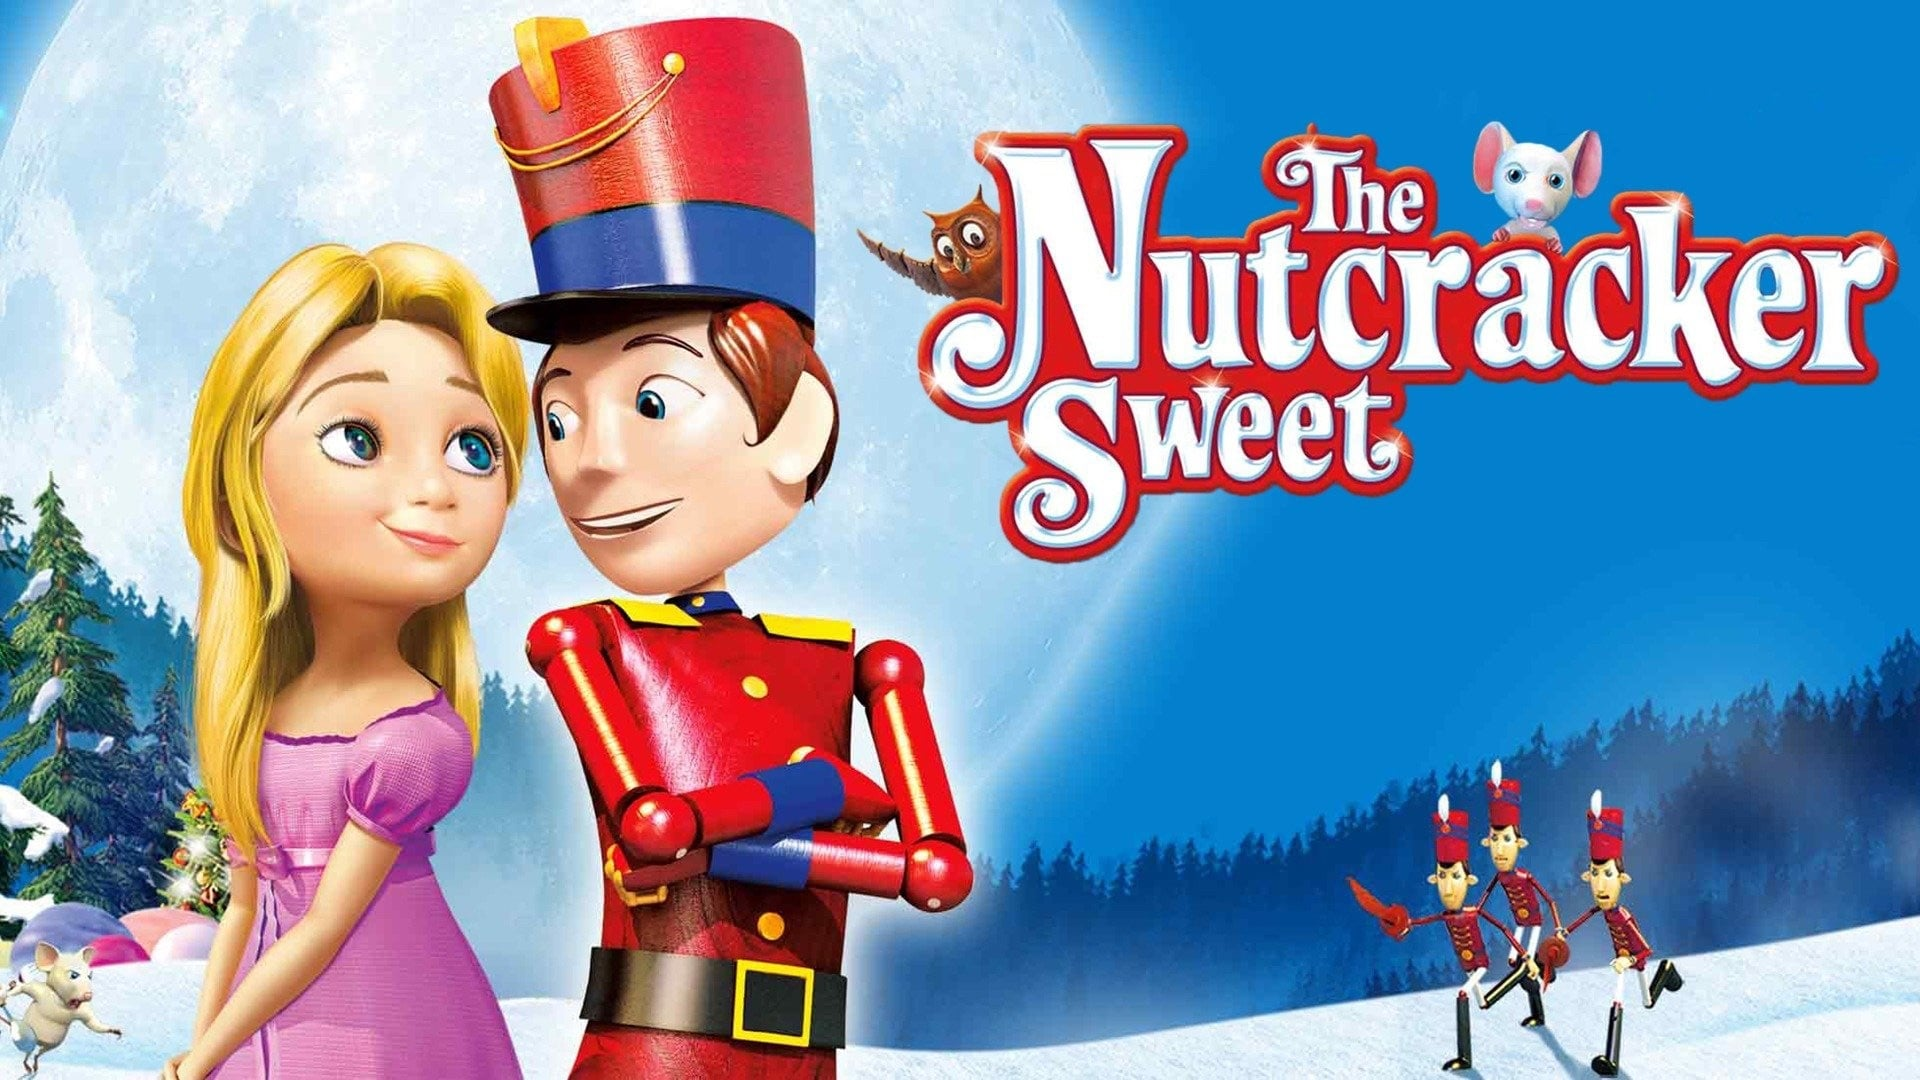 The Nutcracker Sweet